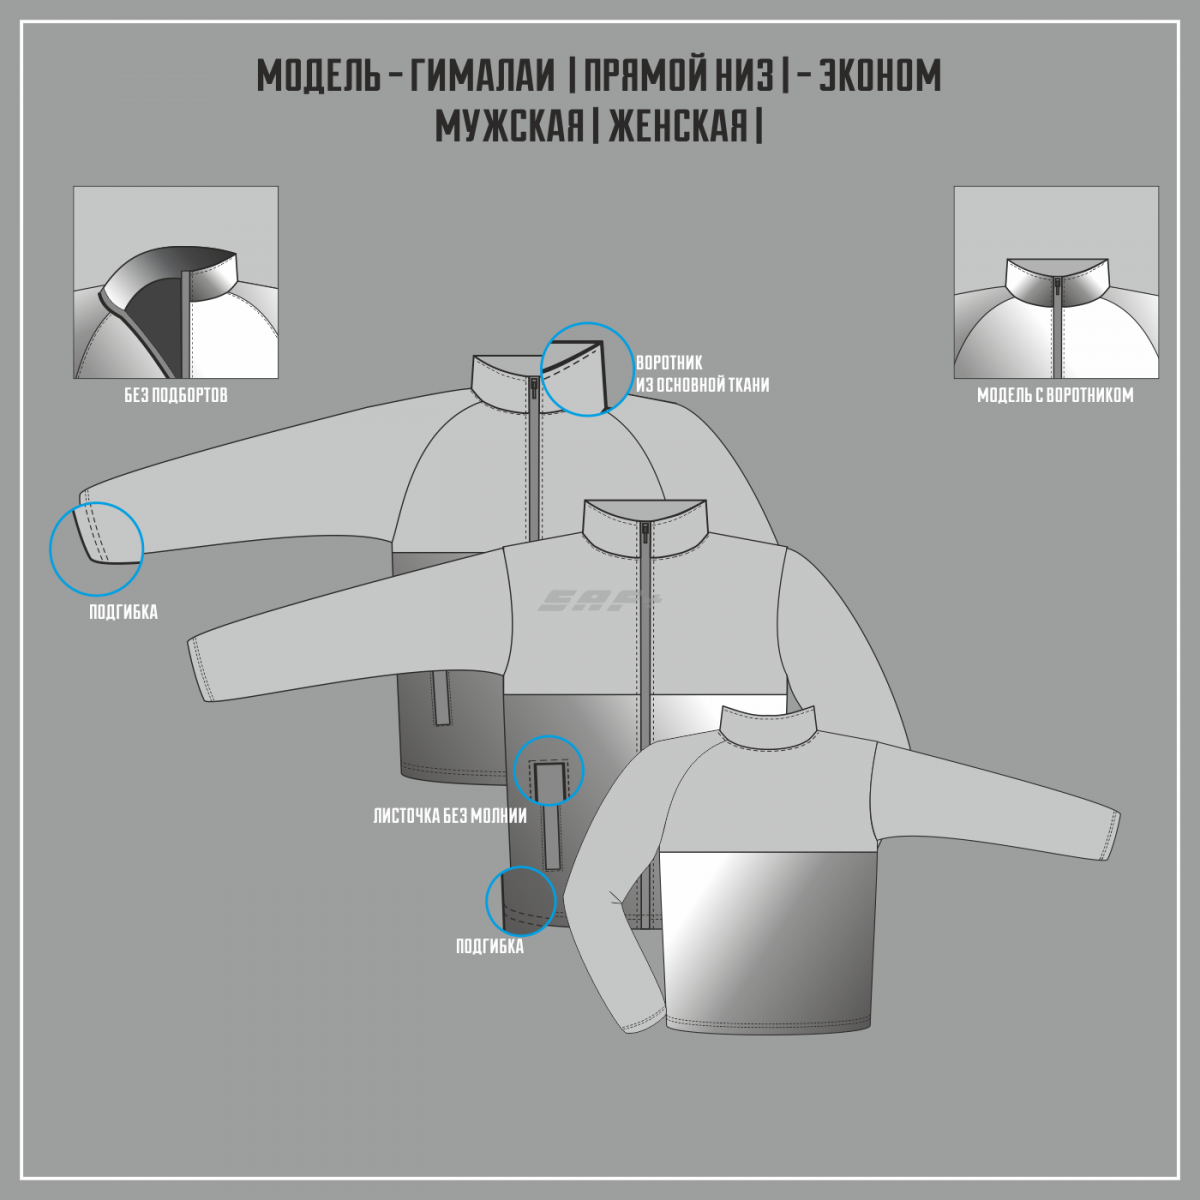 ГИМАЛАИ-СУПЕРЭЛАСТИК ЭКОНОМ куртка прямой низ (Частичная сублимация)